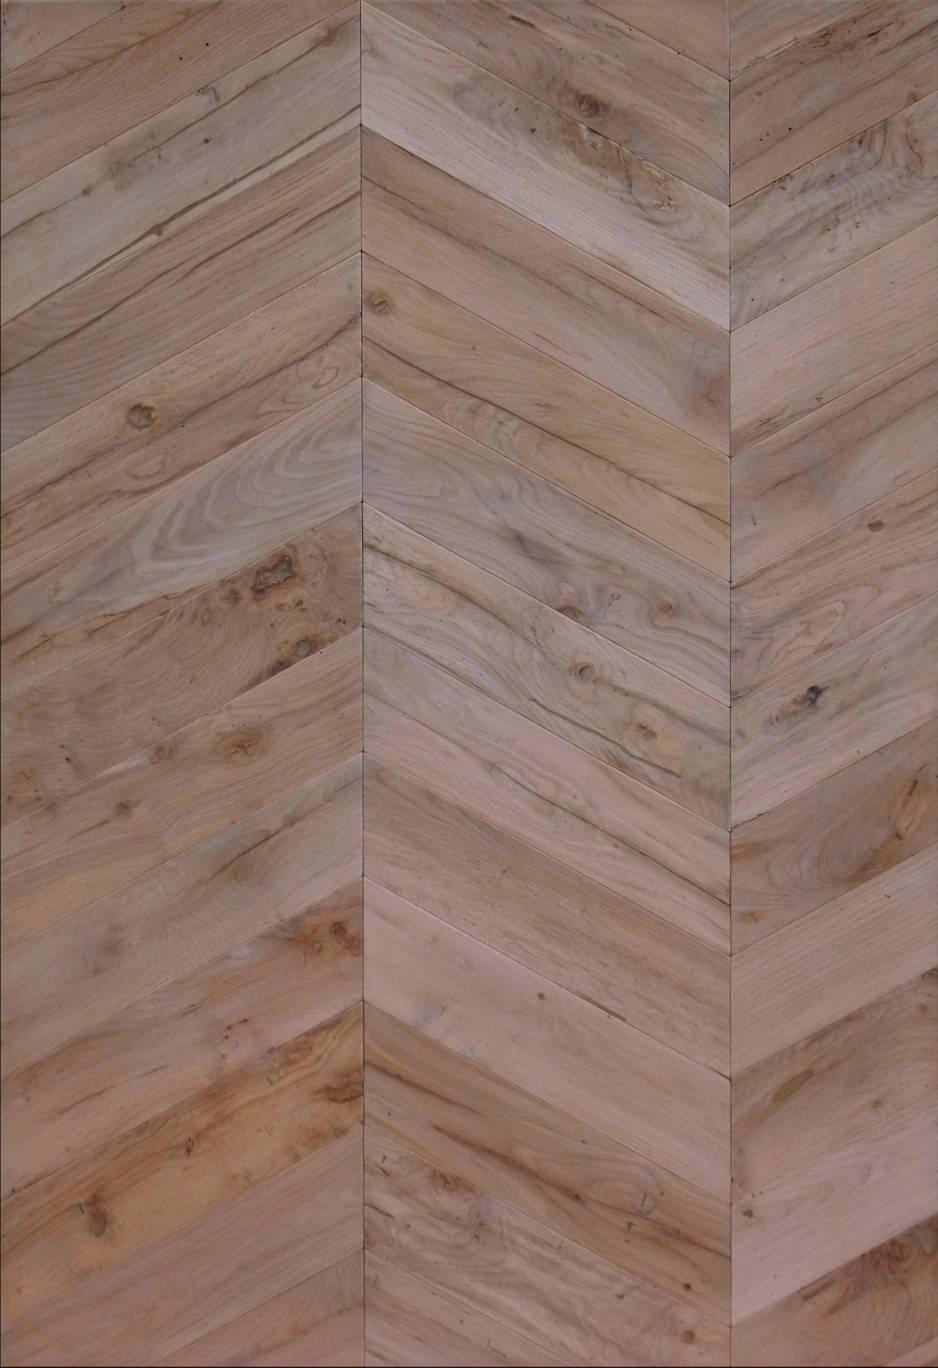 Pavimenti in legno di moreno donati homify - Pavimenti in legno per giardino ...